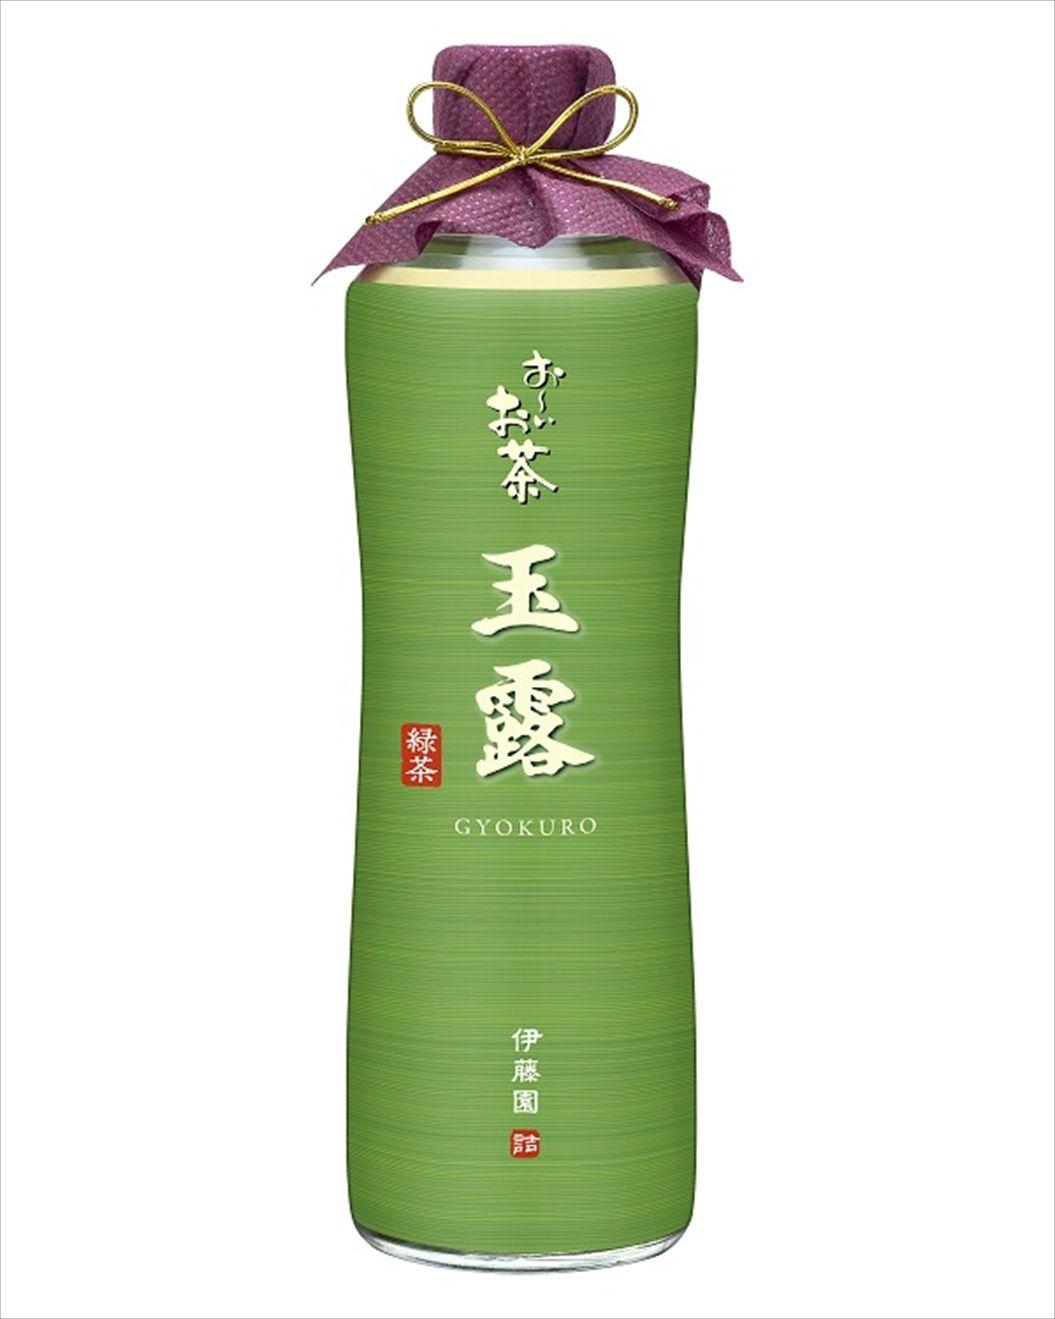 151026お~いお茶 玉露 375瓶_R